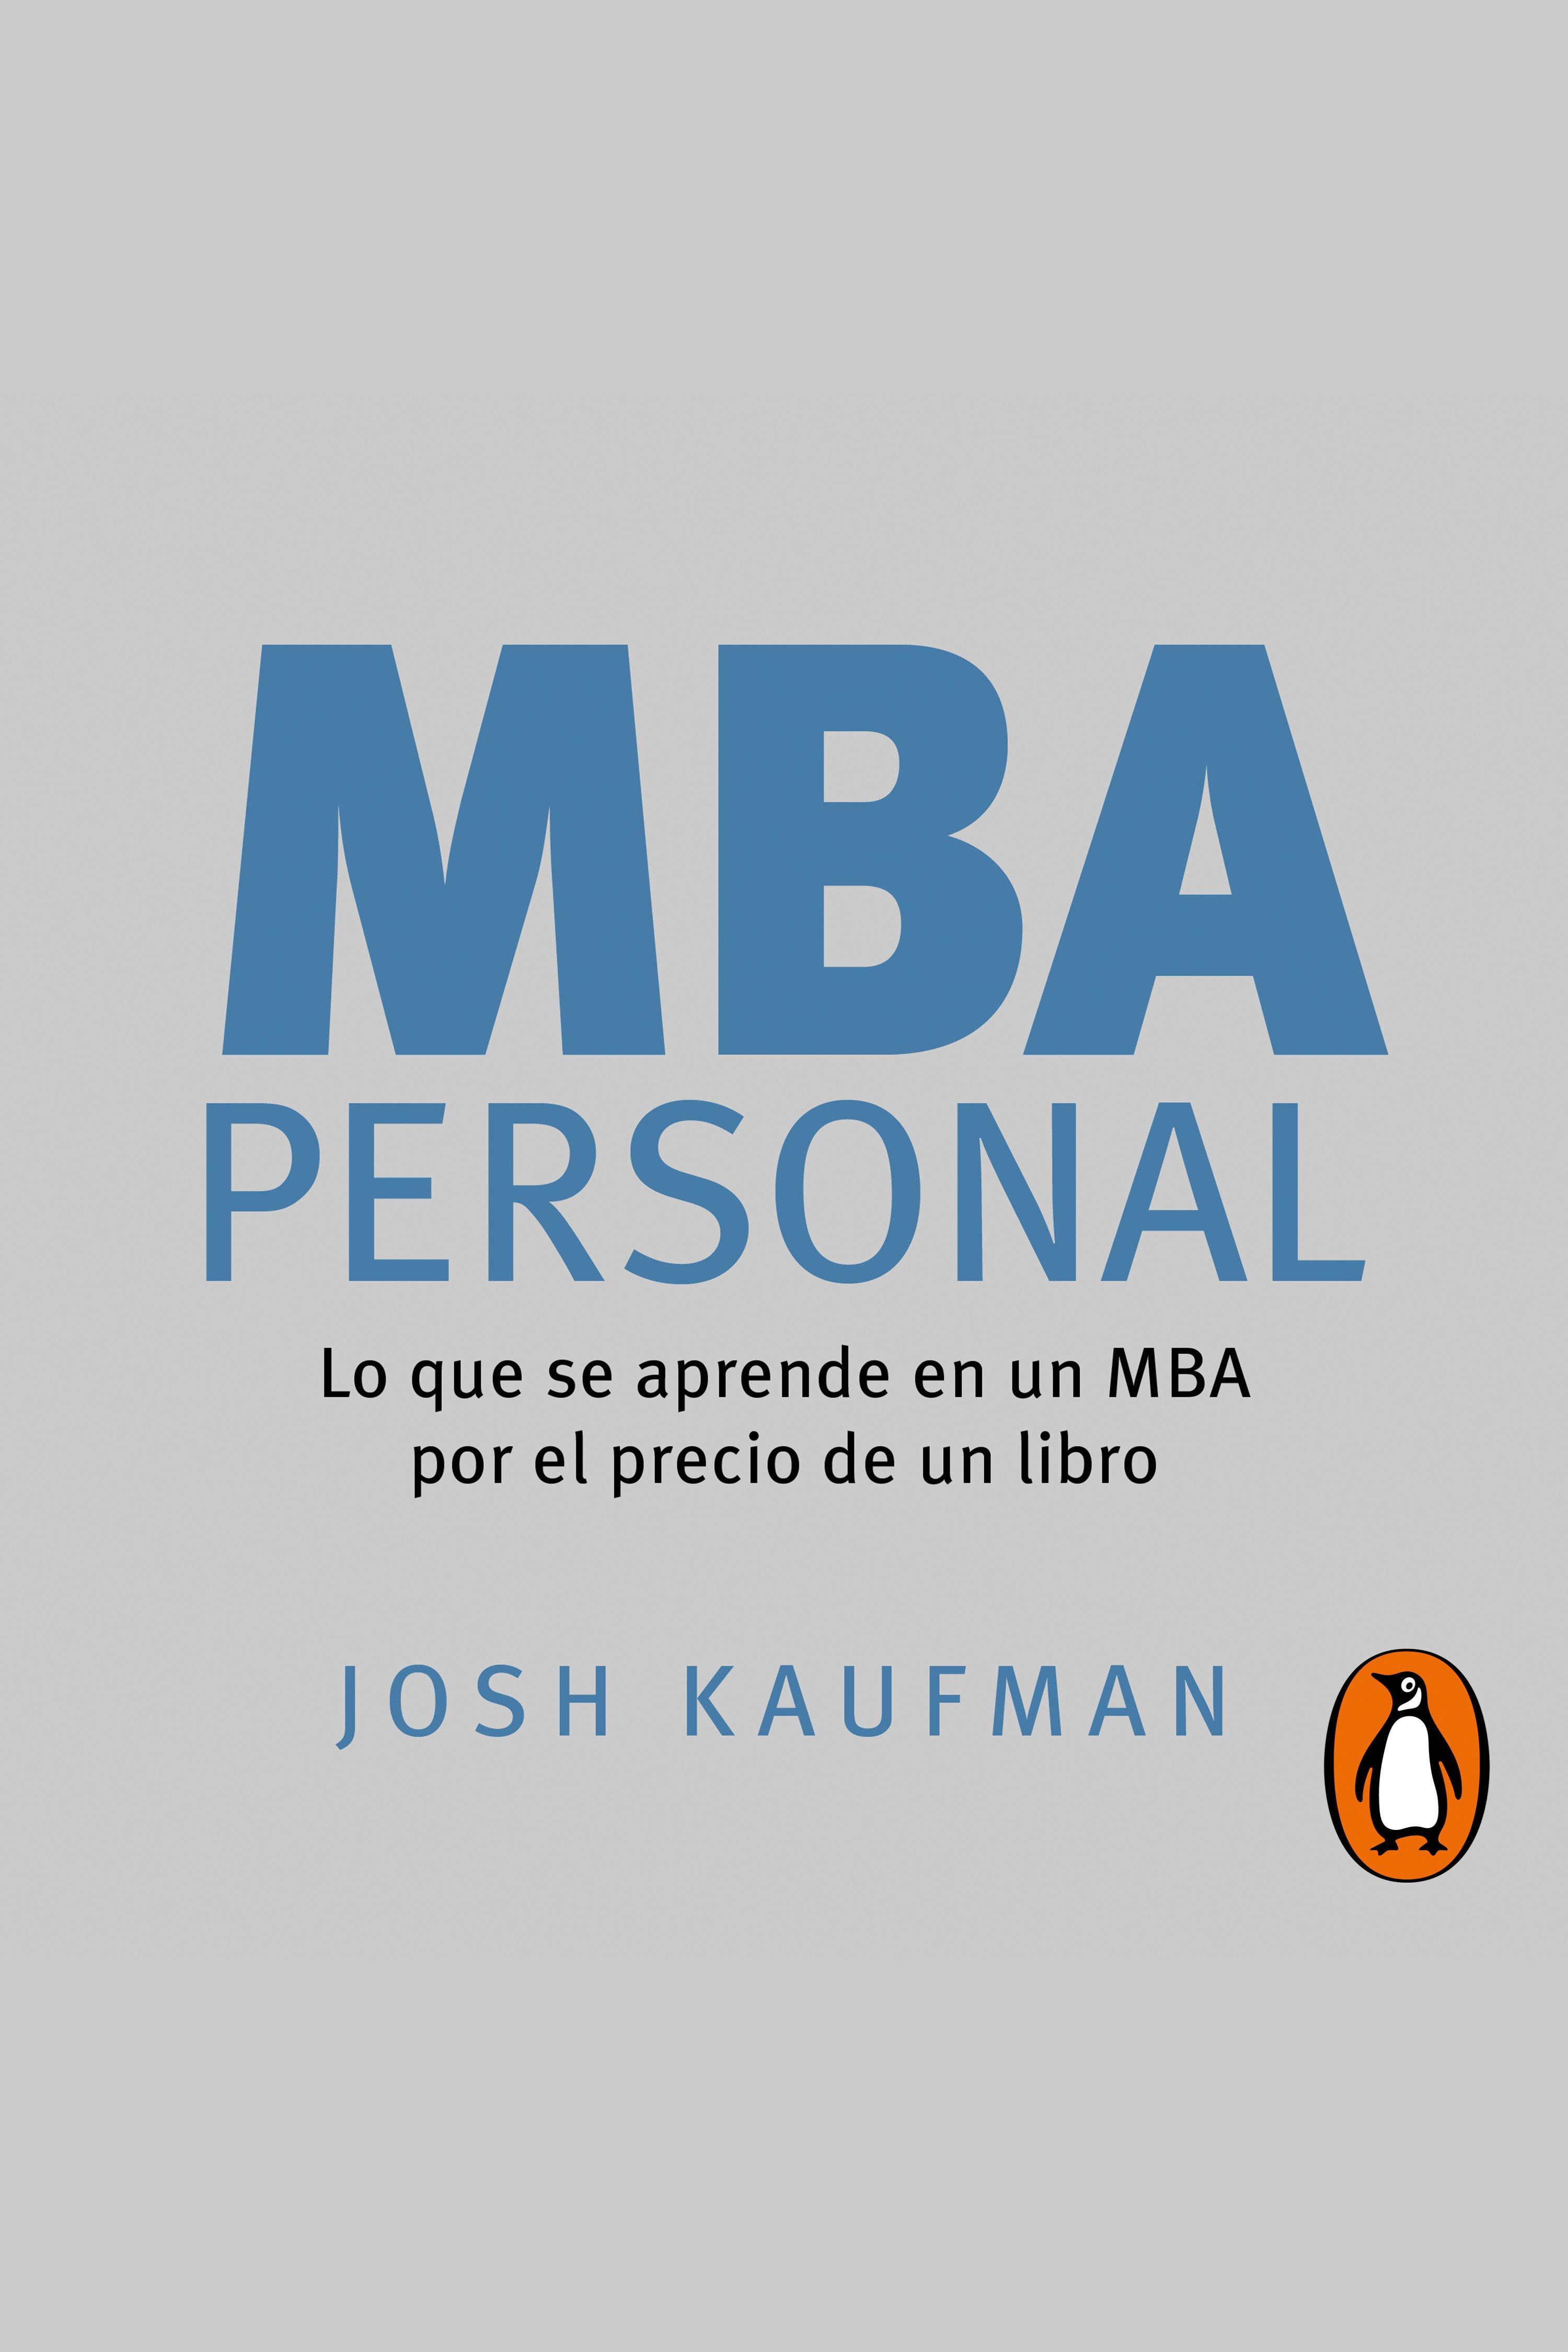 MBA Personal Lo que se aprende en un MBA por el precio de un libro